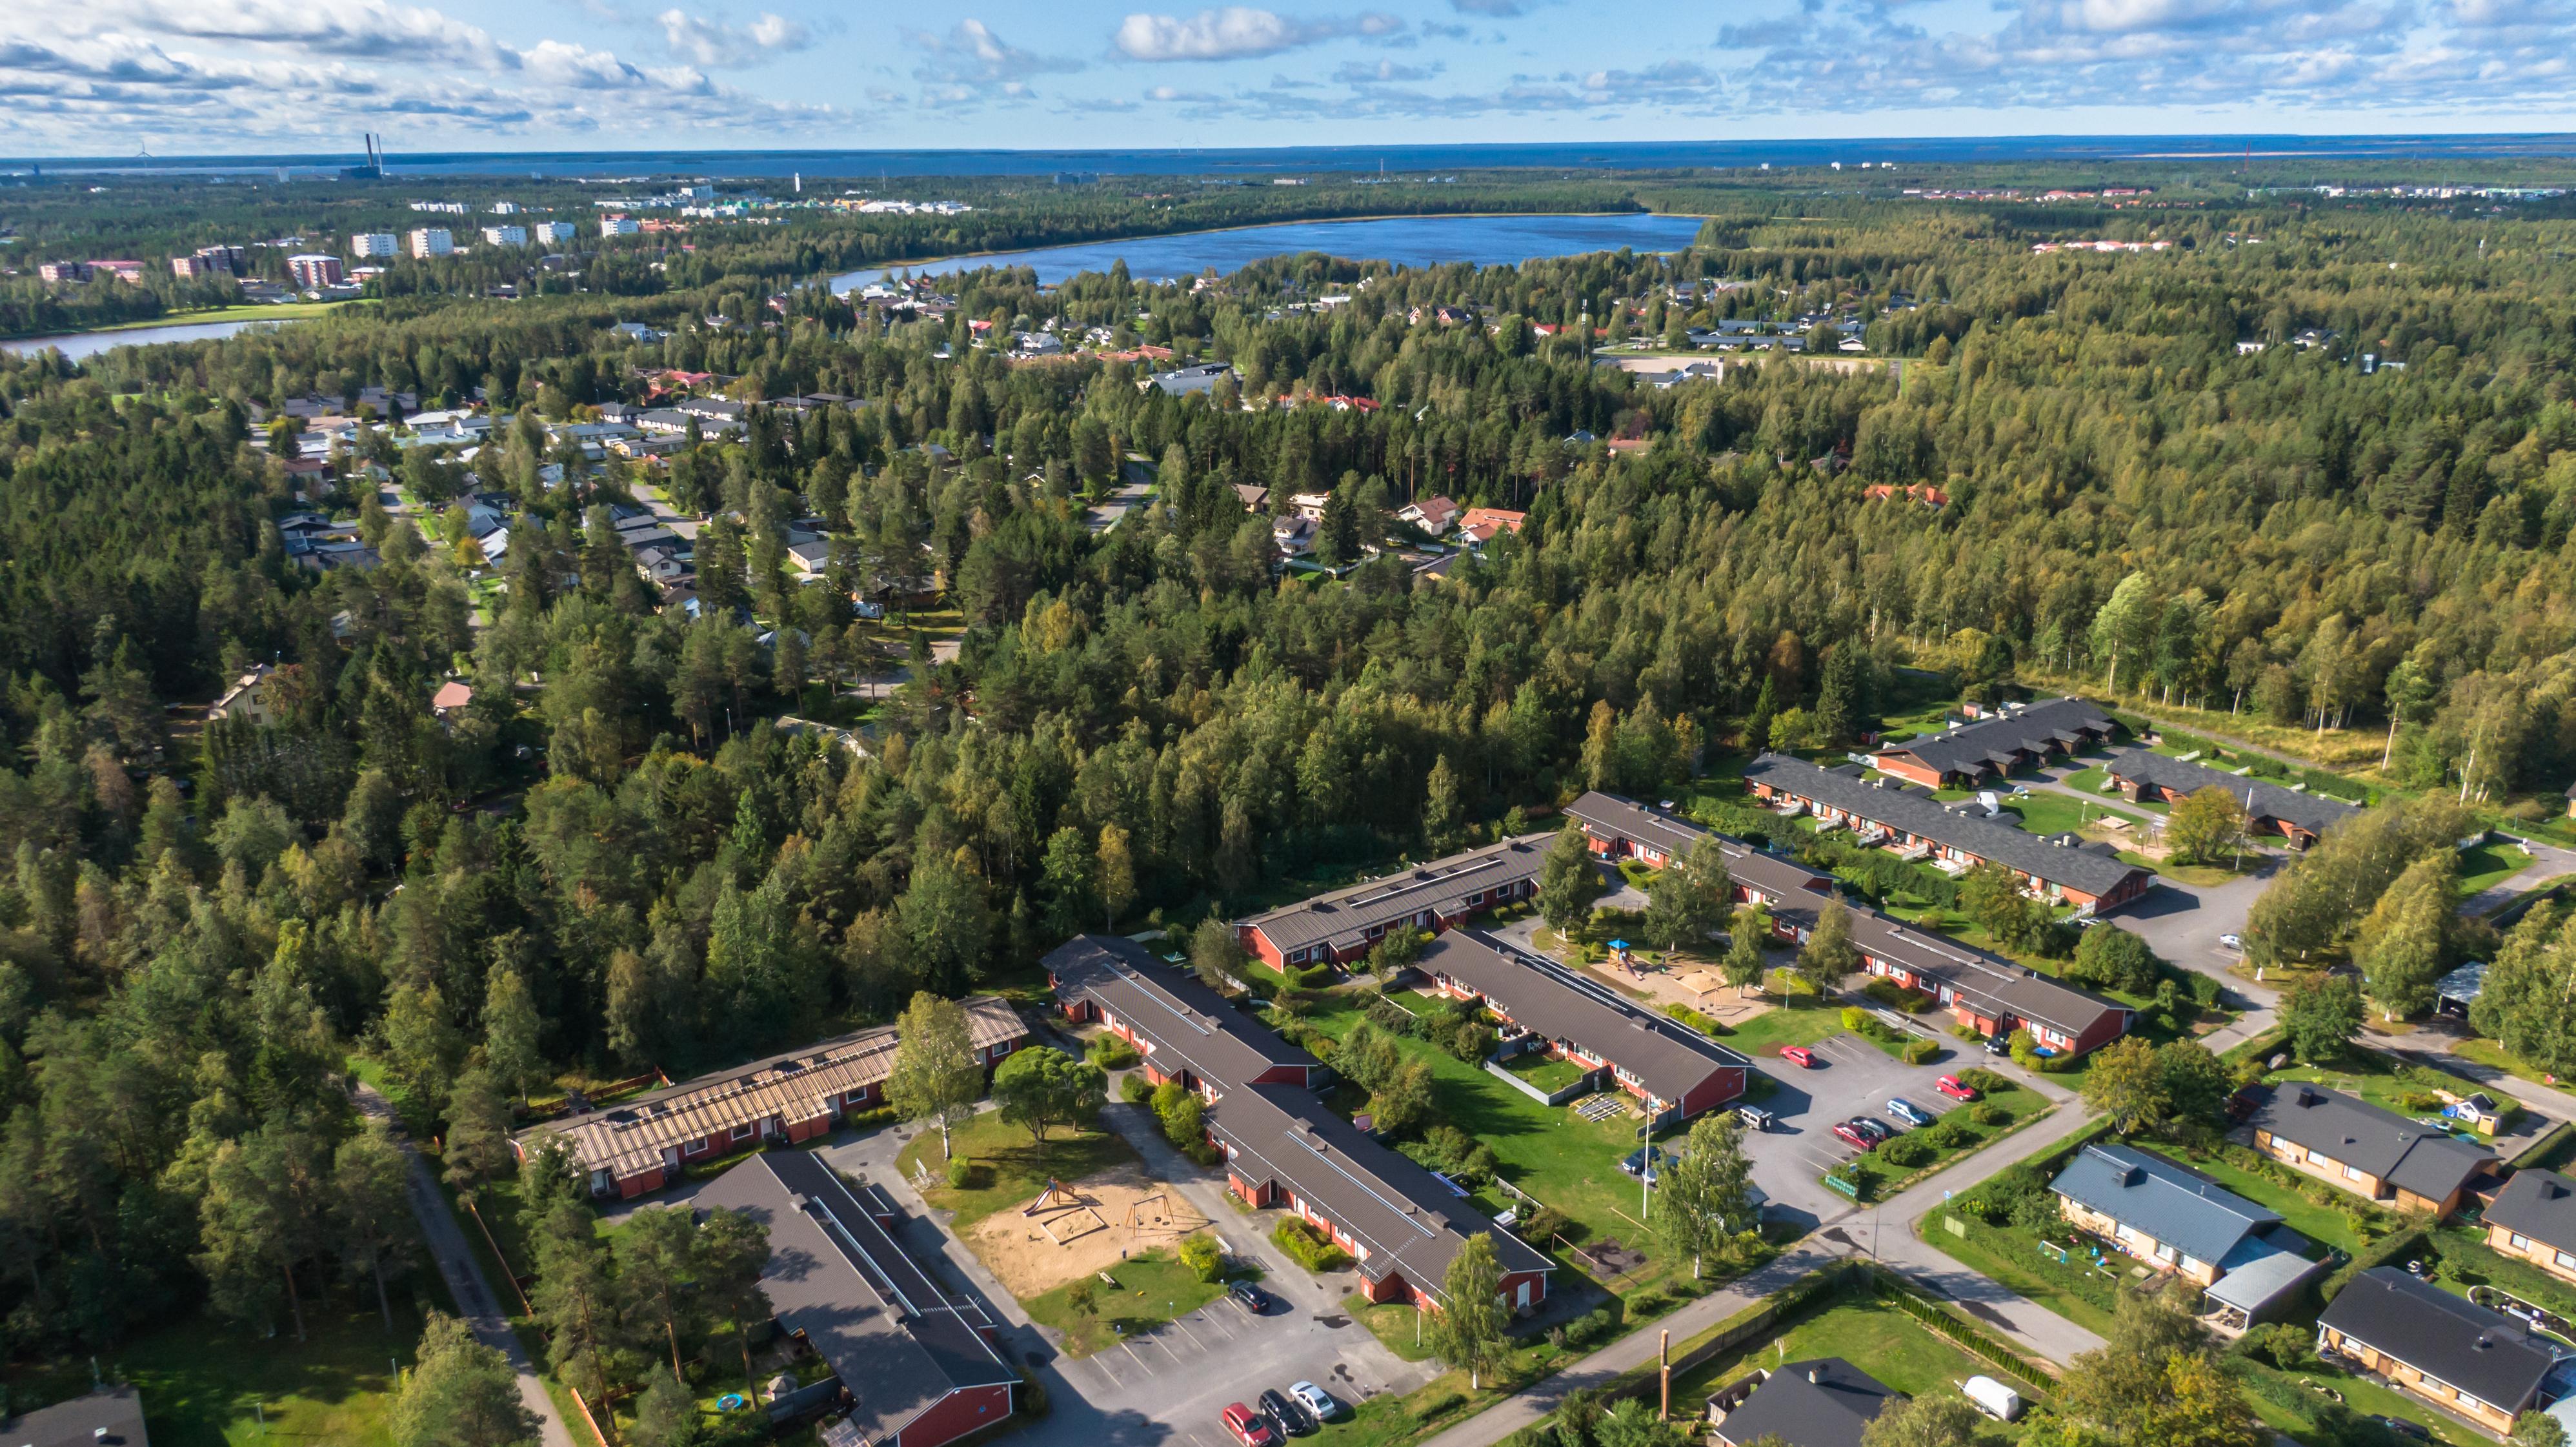 Kesäinen ilmasta otettu kuva Kuivasjärven kaupunginosasta. Metsää, järvi ja rivitaloja.